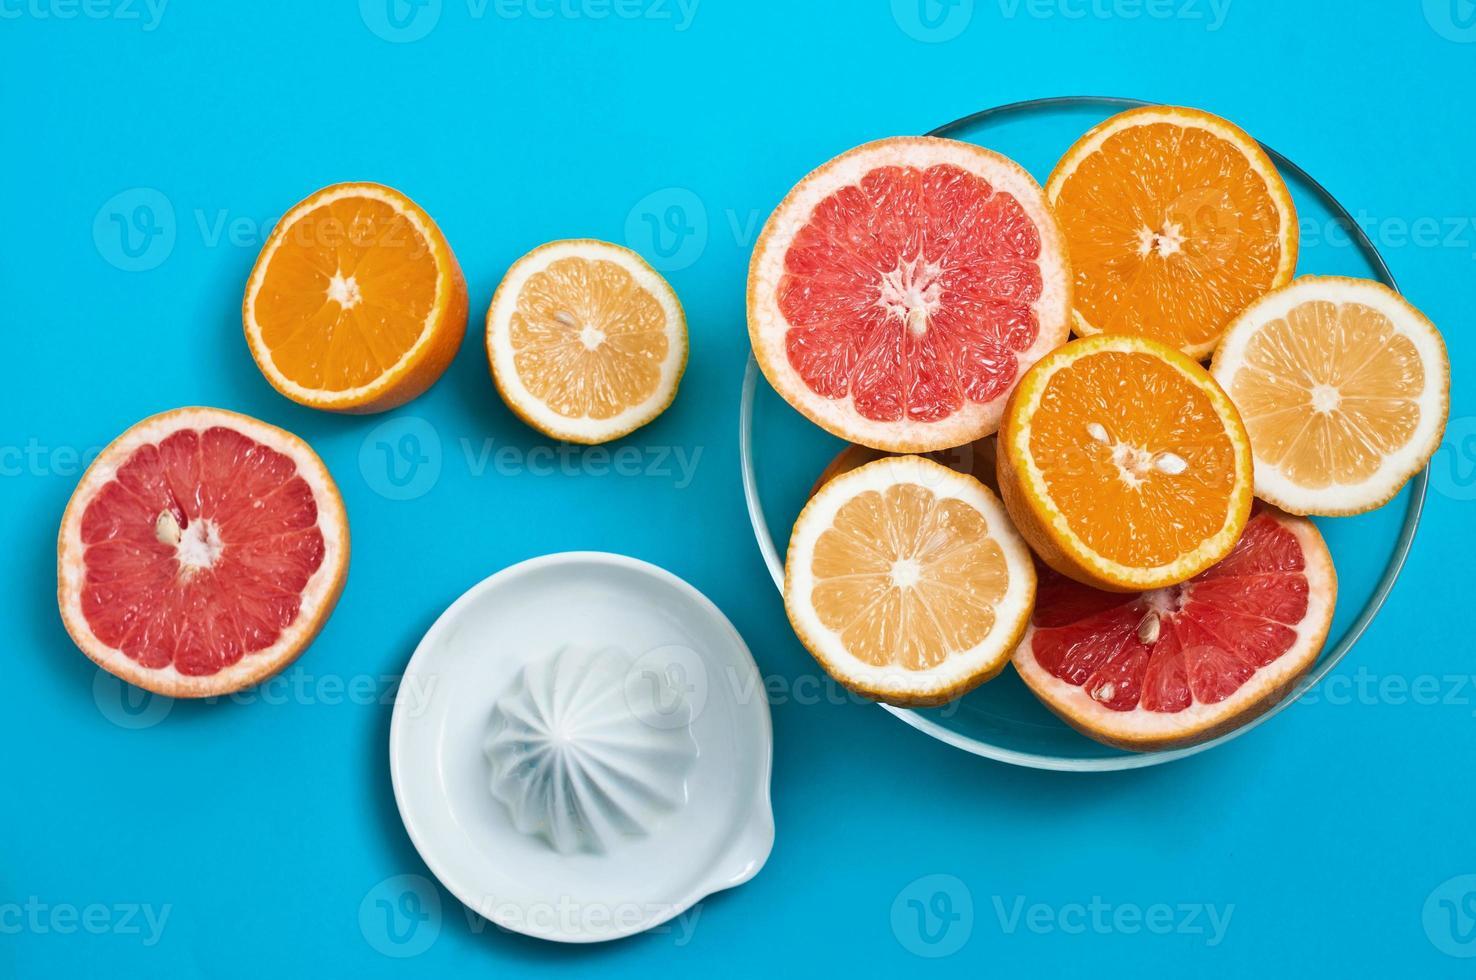 saftige Zitrusfrüchte auf einem Tisch foto